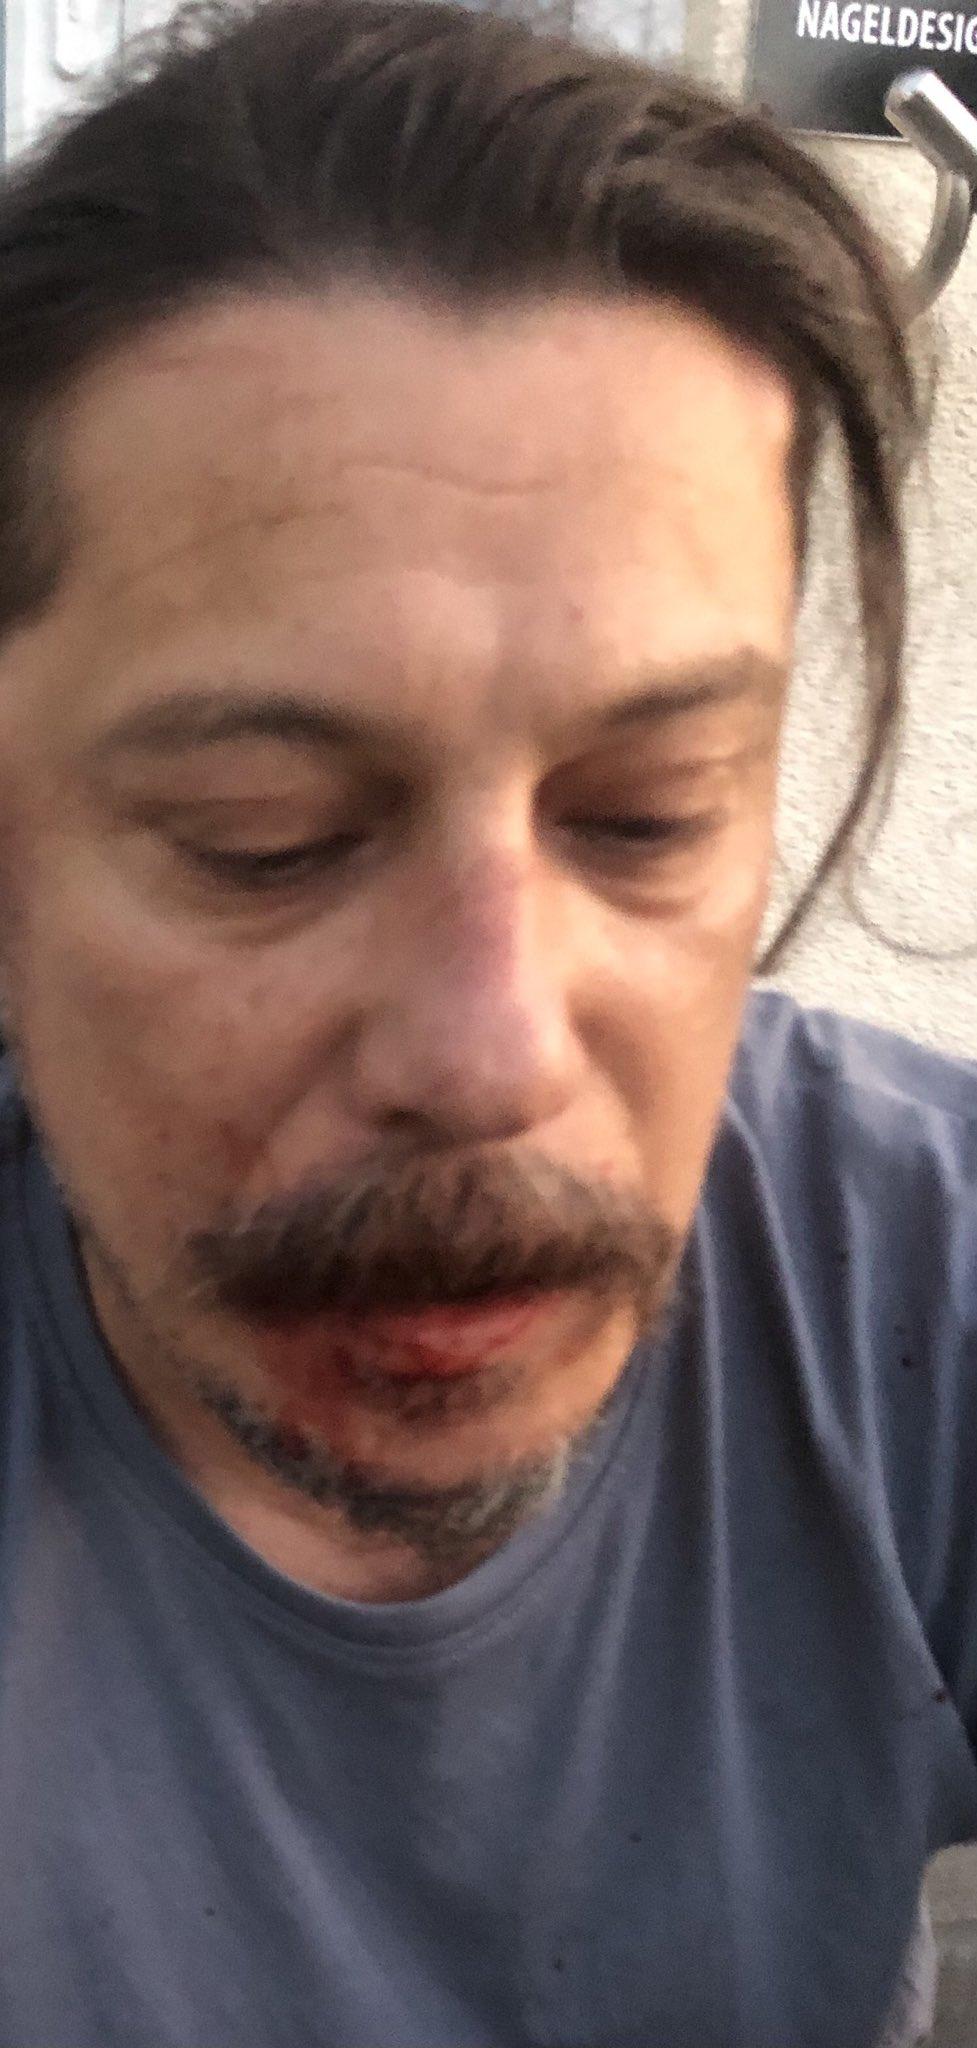 Gazeteci Erk Acarer'den saldırı hakkında açıklama